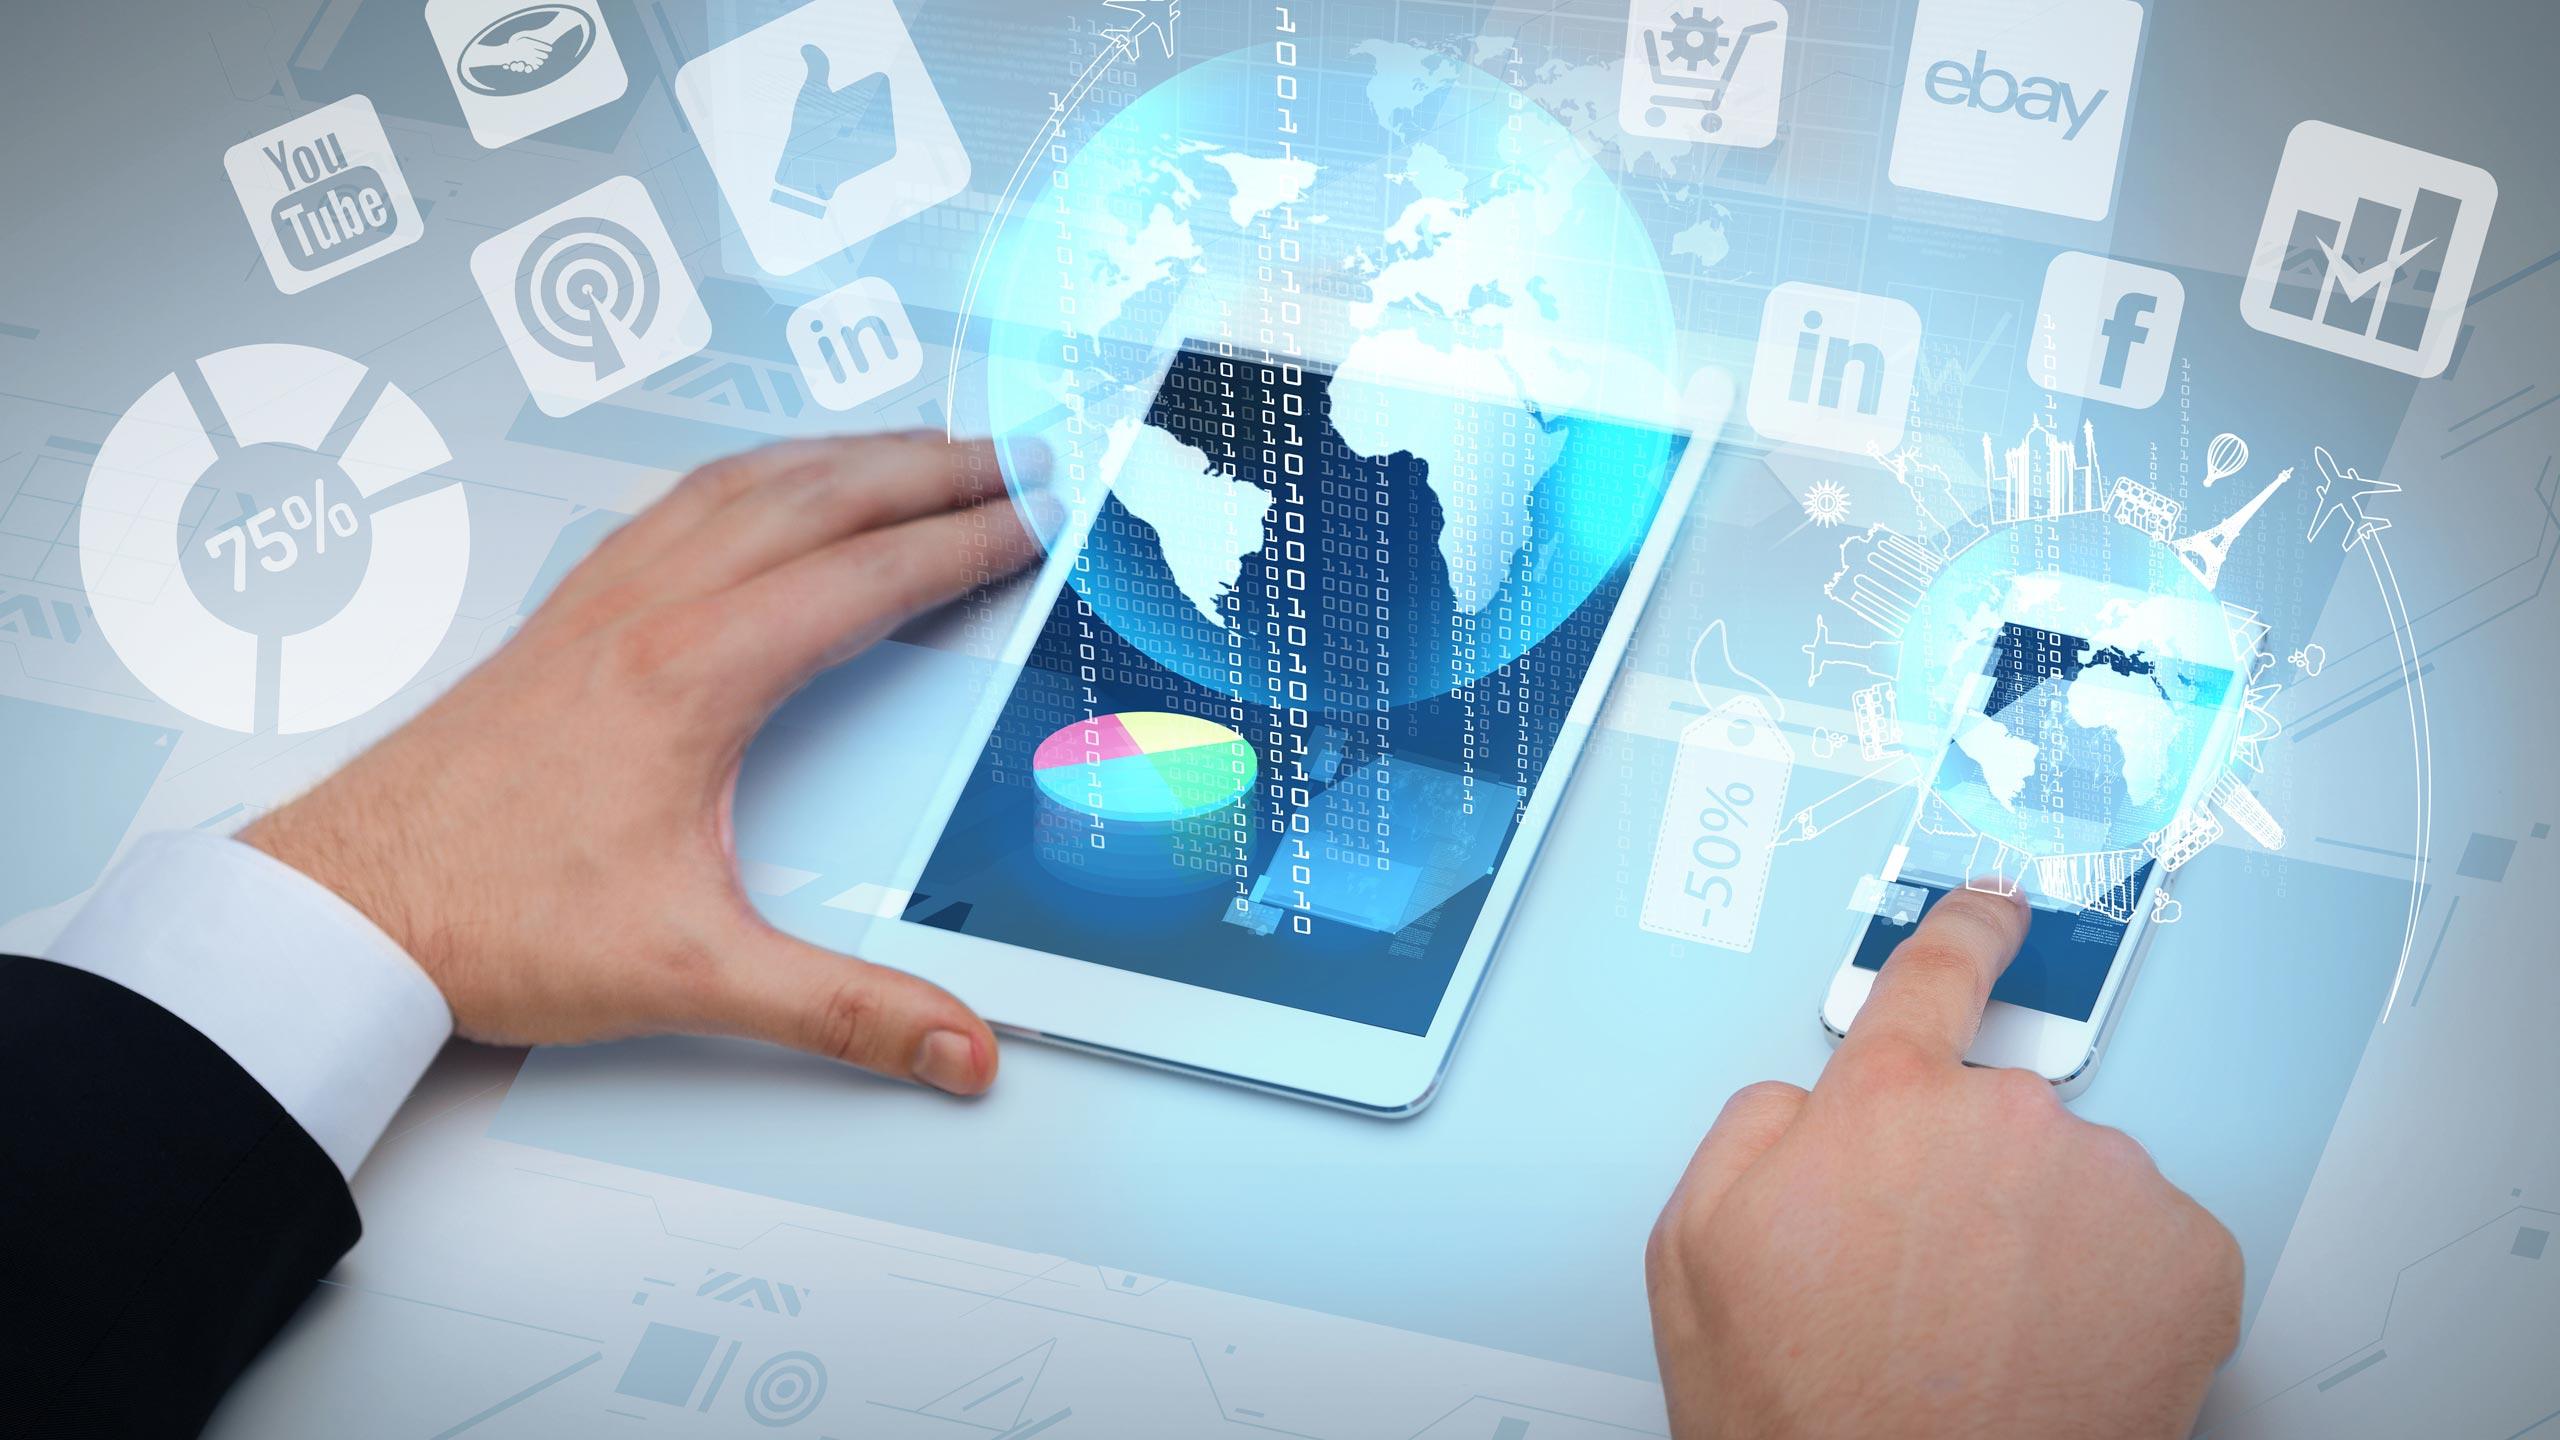 مشاور دیجیتال مارکتینگ-انتخاب درست